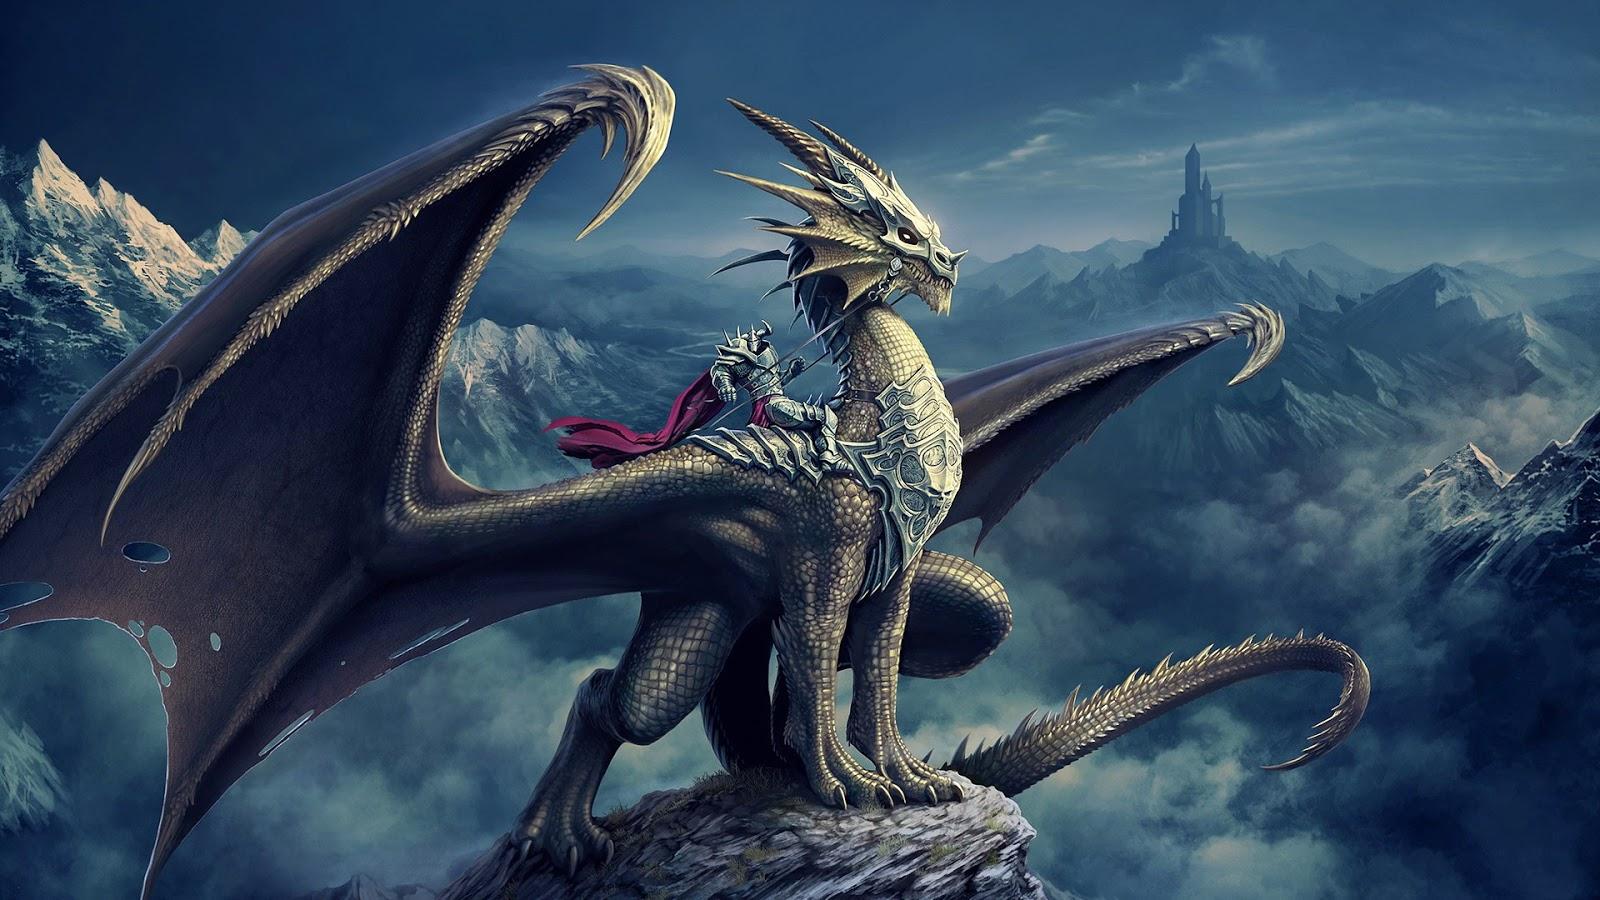 Fond d'écran dragon HD - Fonds d'écran HD